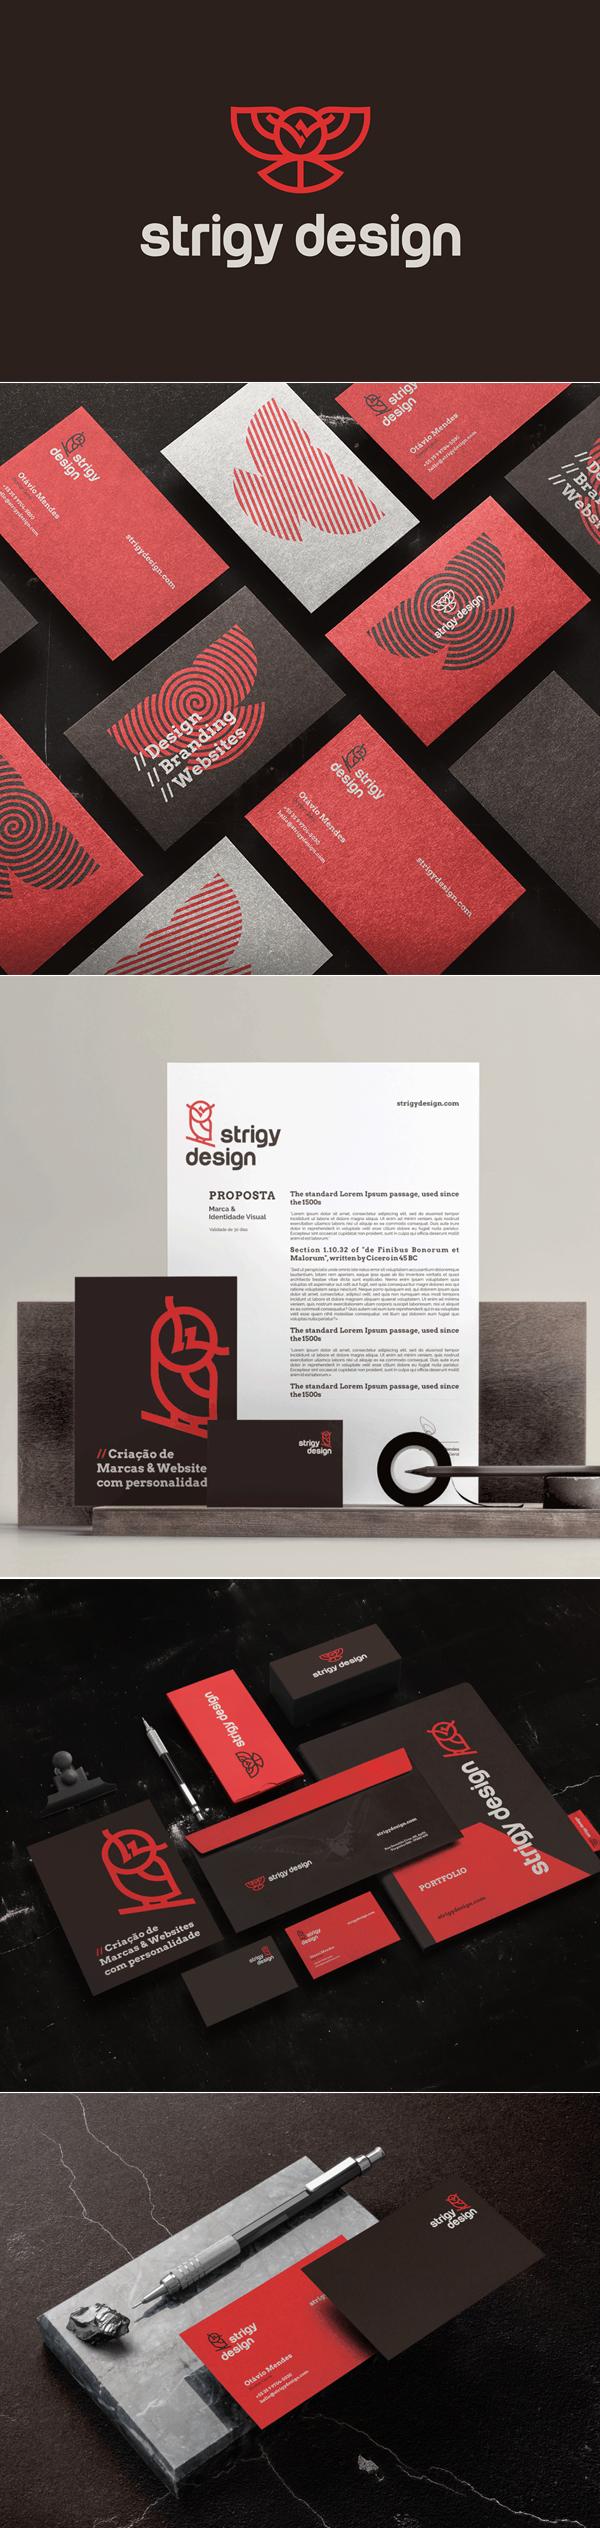 Stationery - Strigy Design Branding Identity by Strigy Design